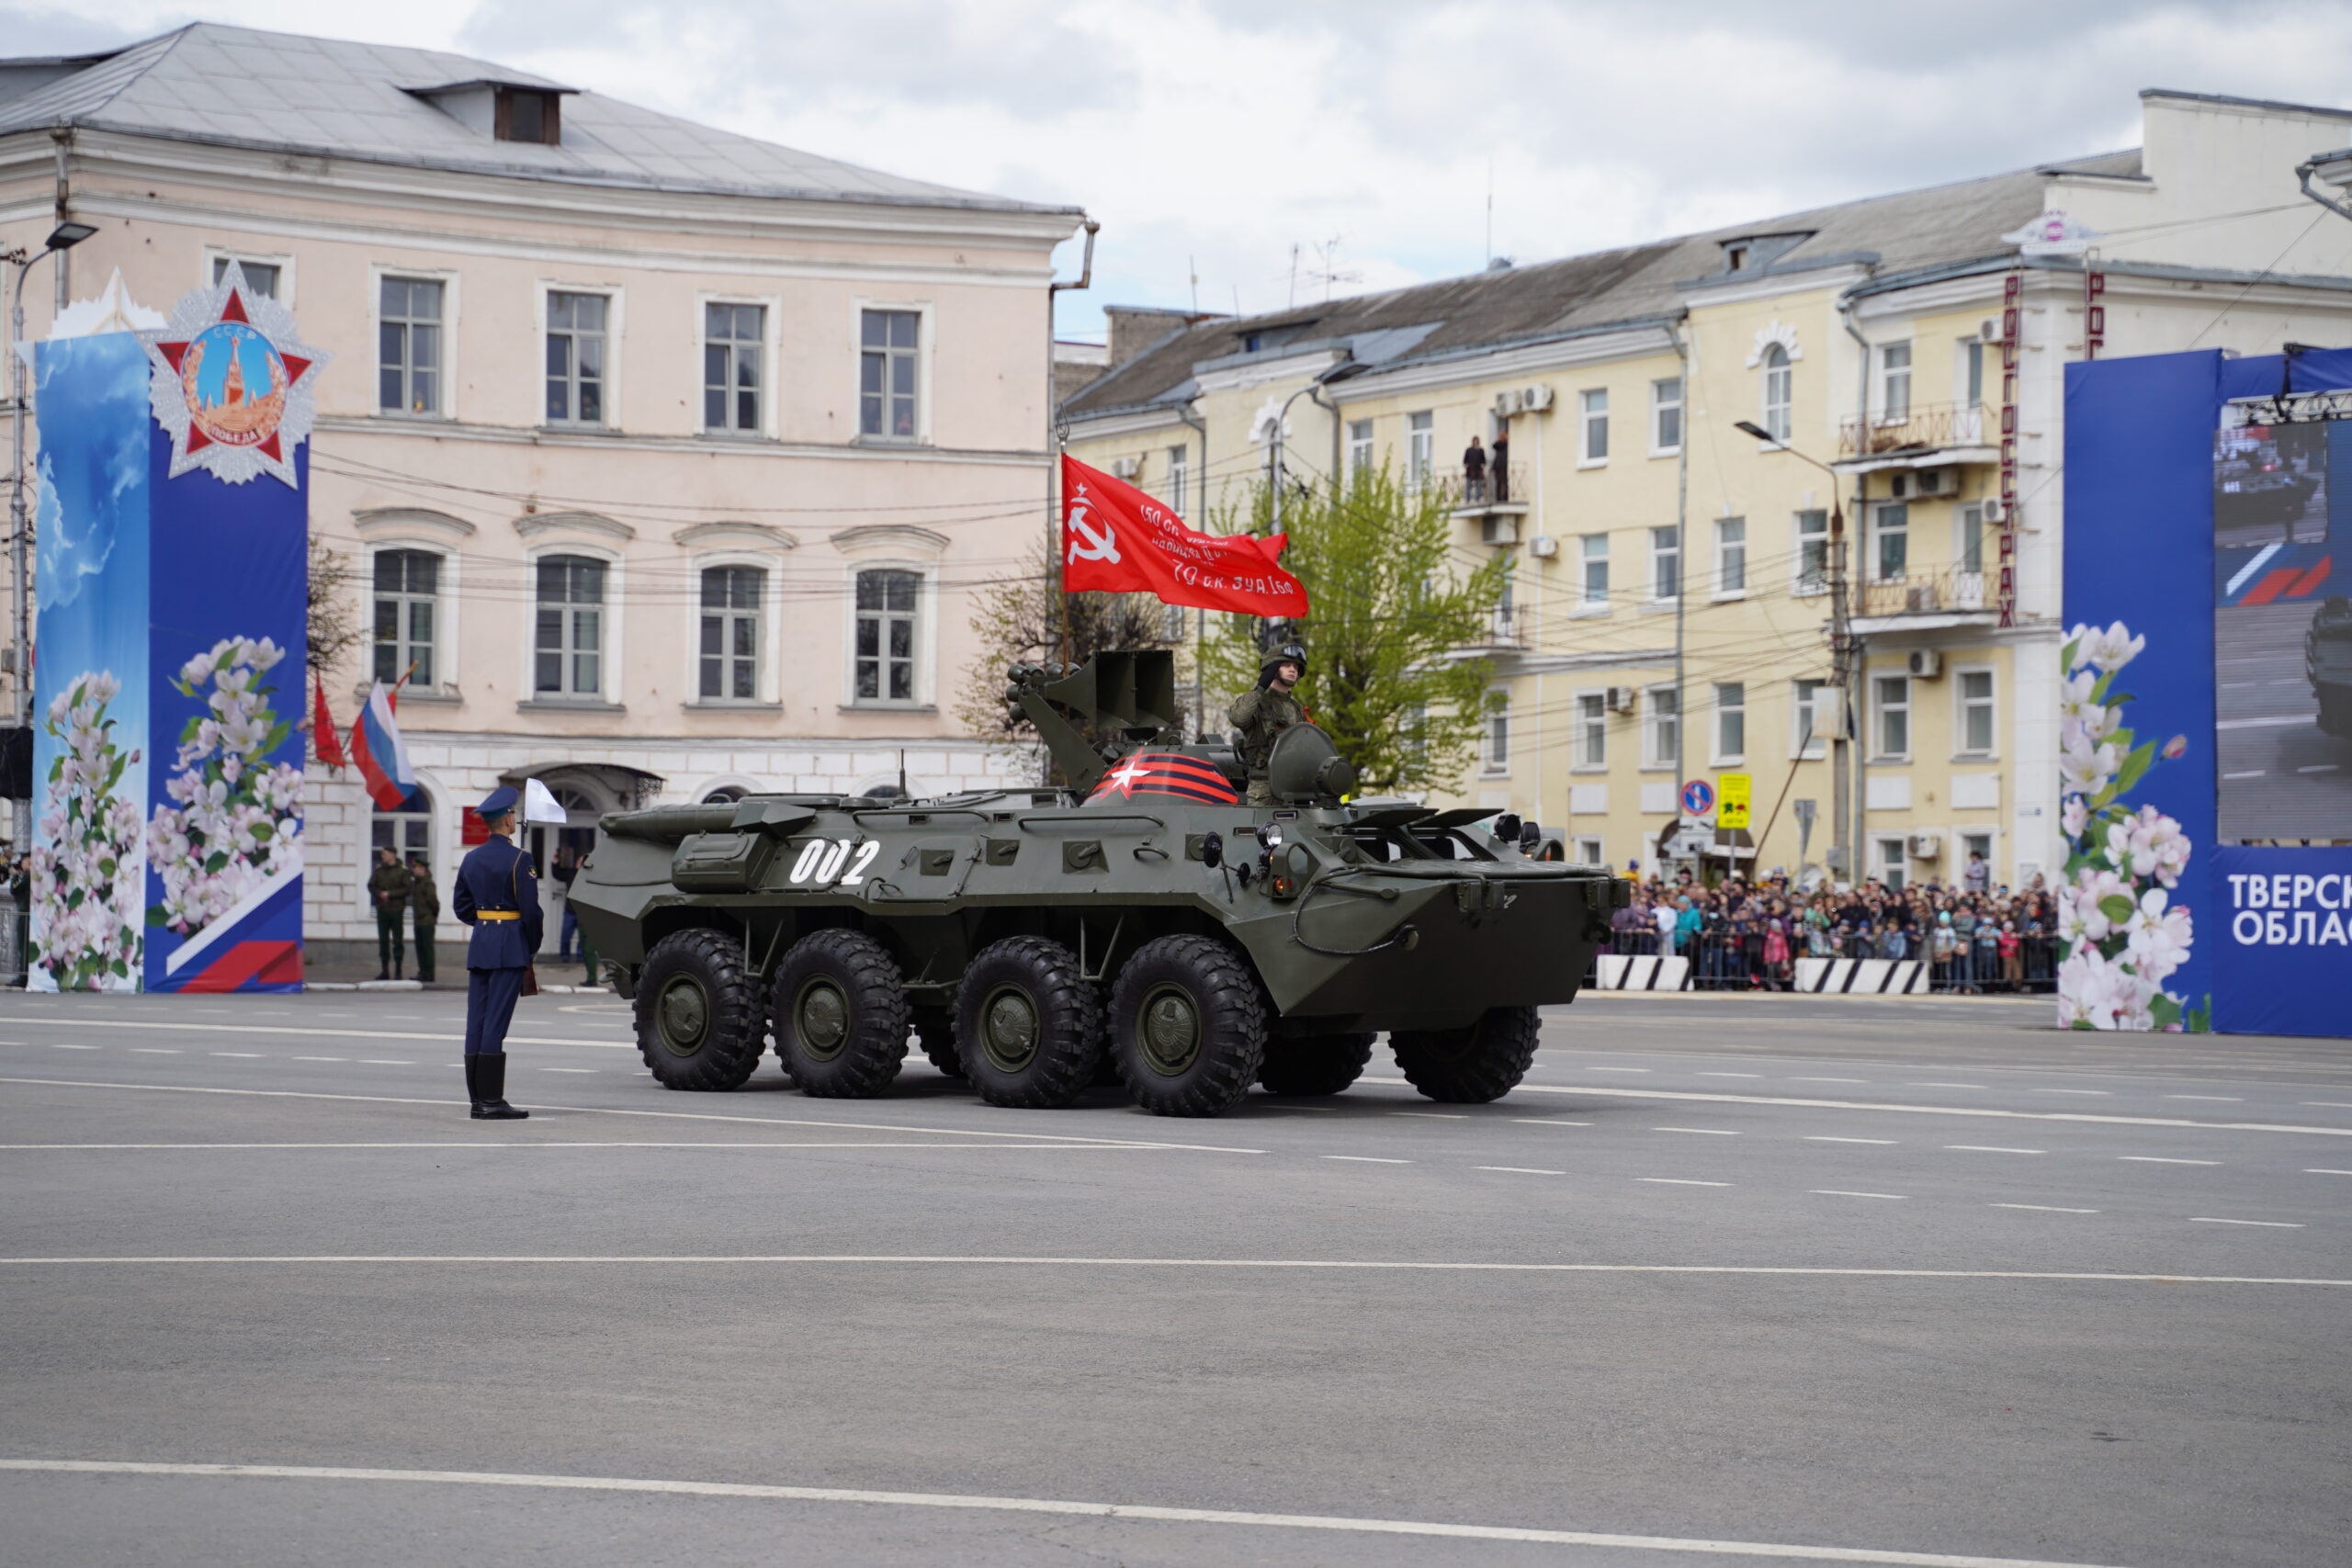 Парад Победы прошёл в центре Твери: фоторепортаж